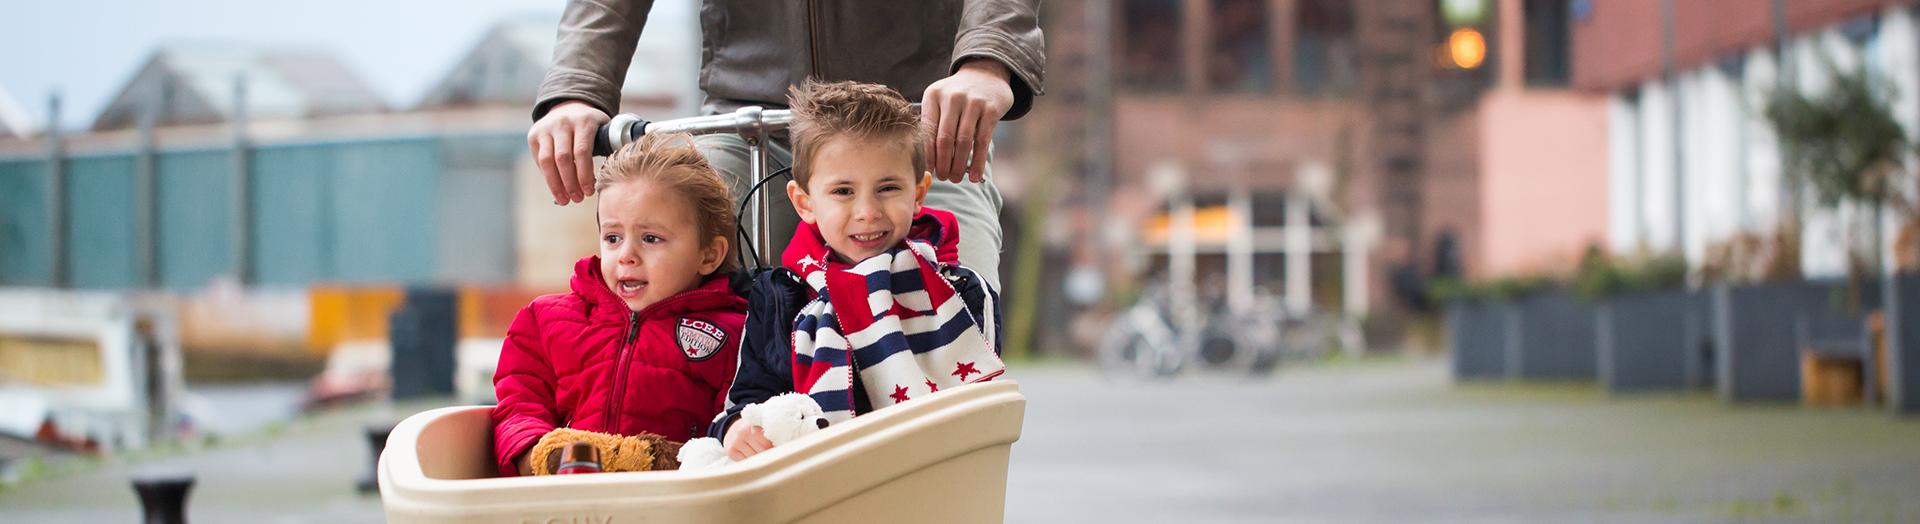 Verhuistips-Verhuizen-met-Kinderen